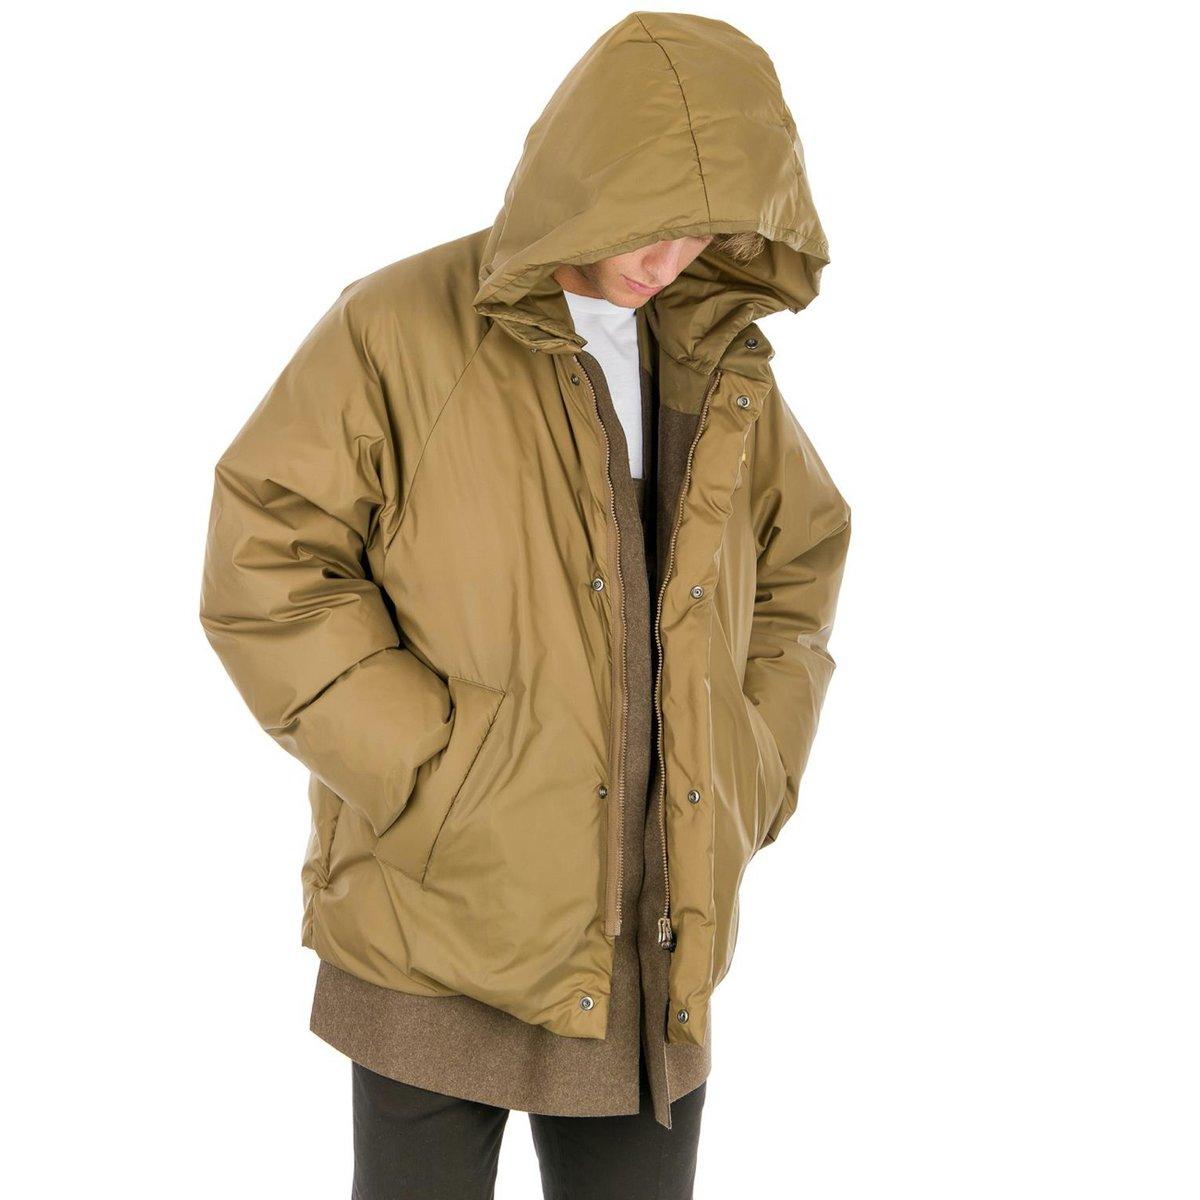 oamc-tan-oversized-frontline-jacket-205-11.jpg